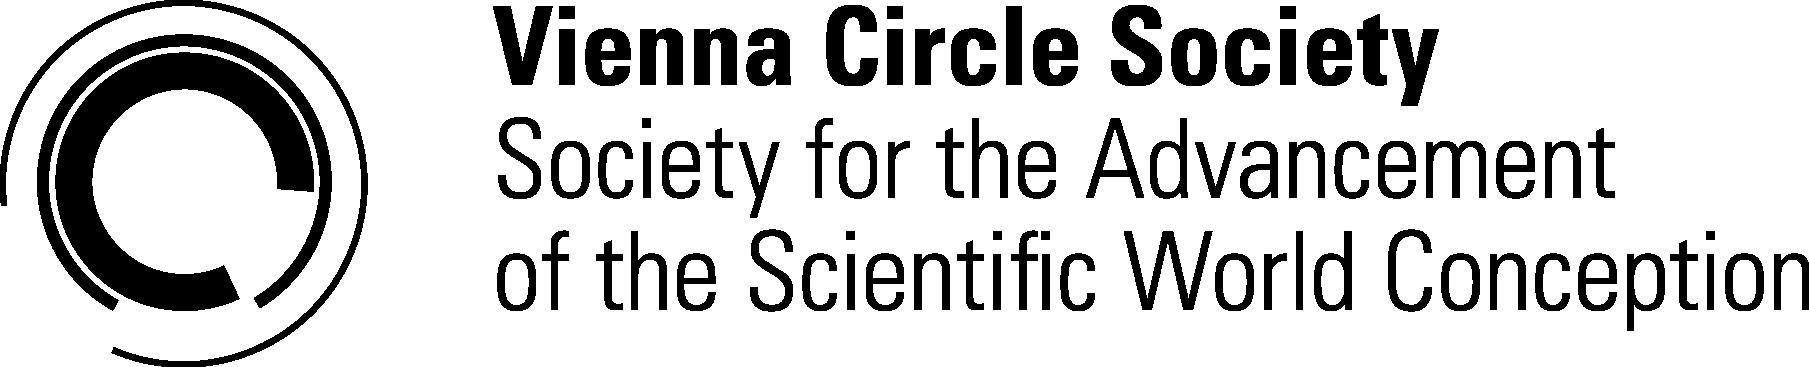 Vienna Circle Society